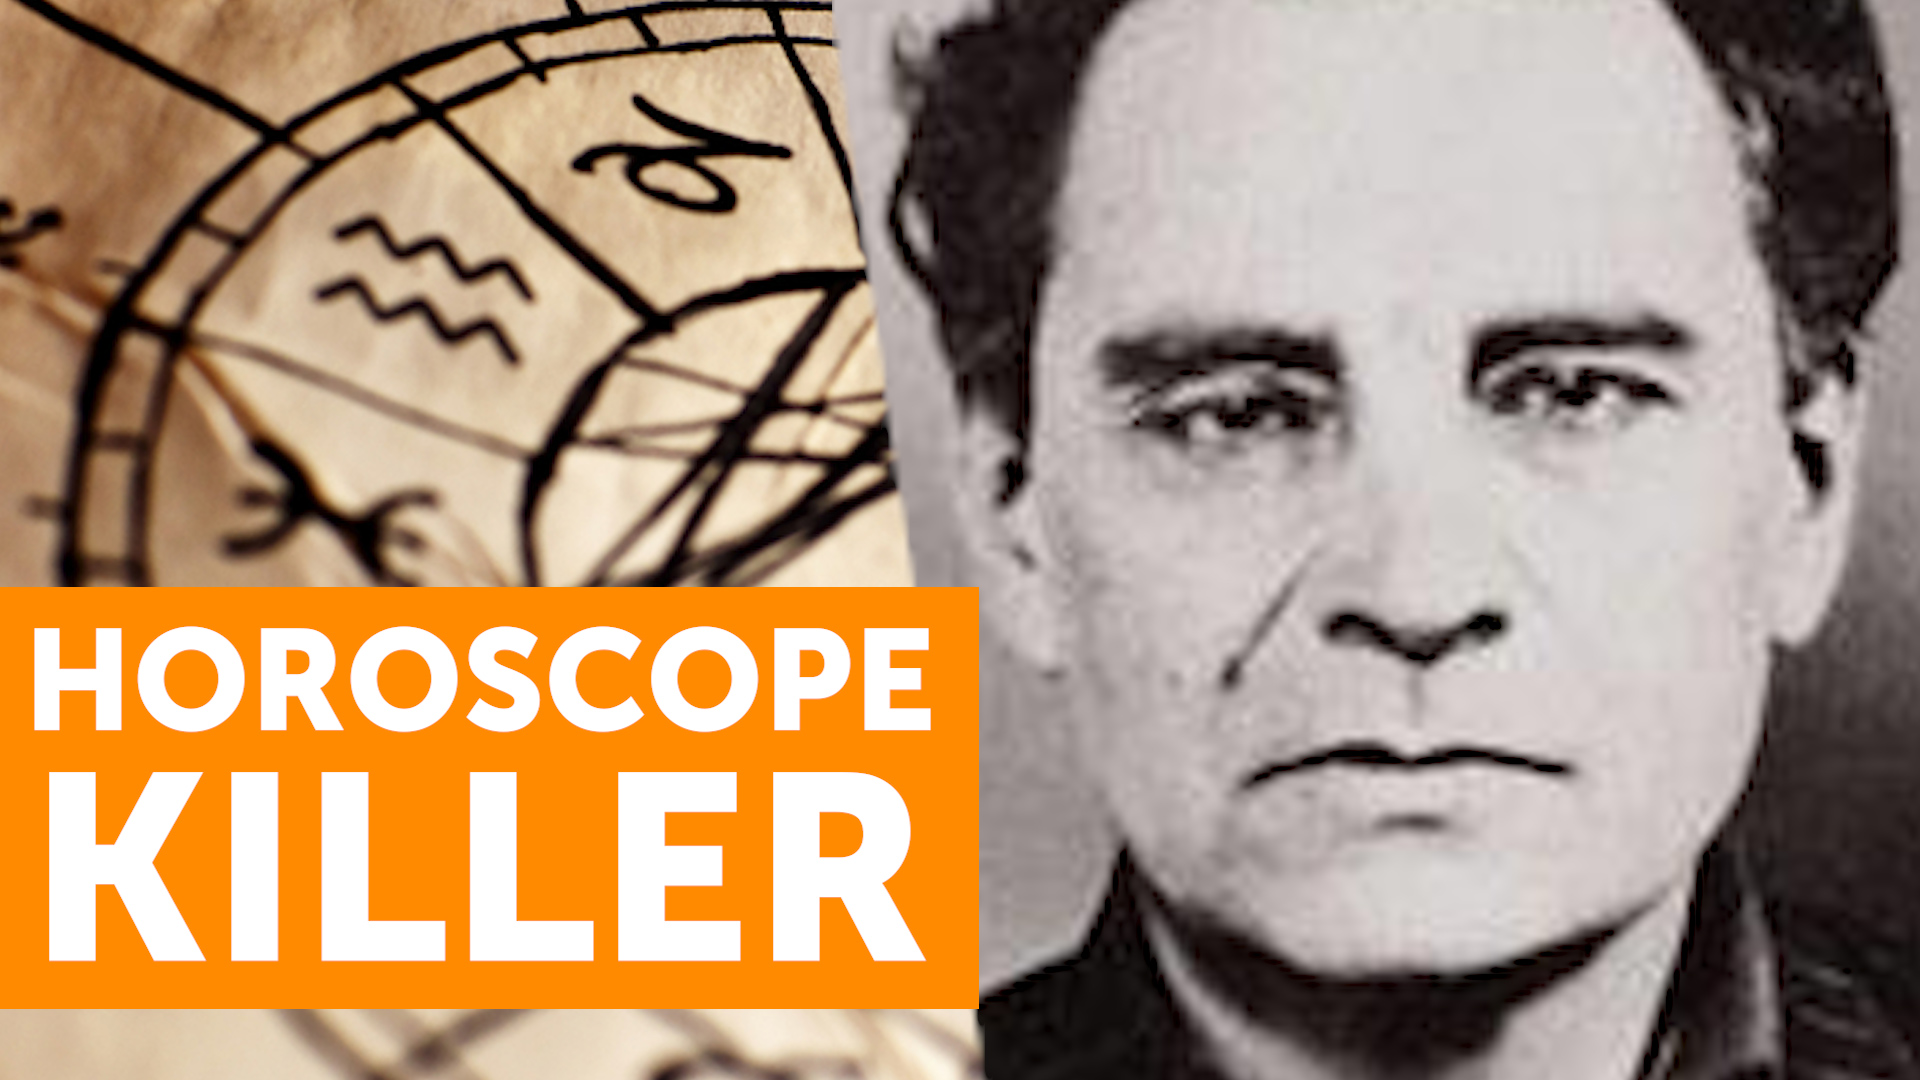 horoscope killer